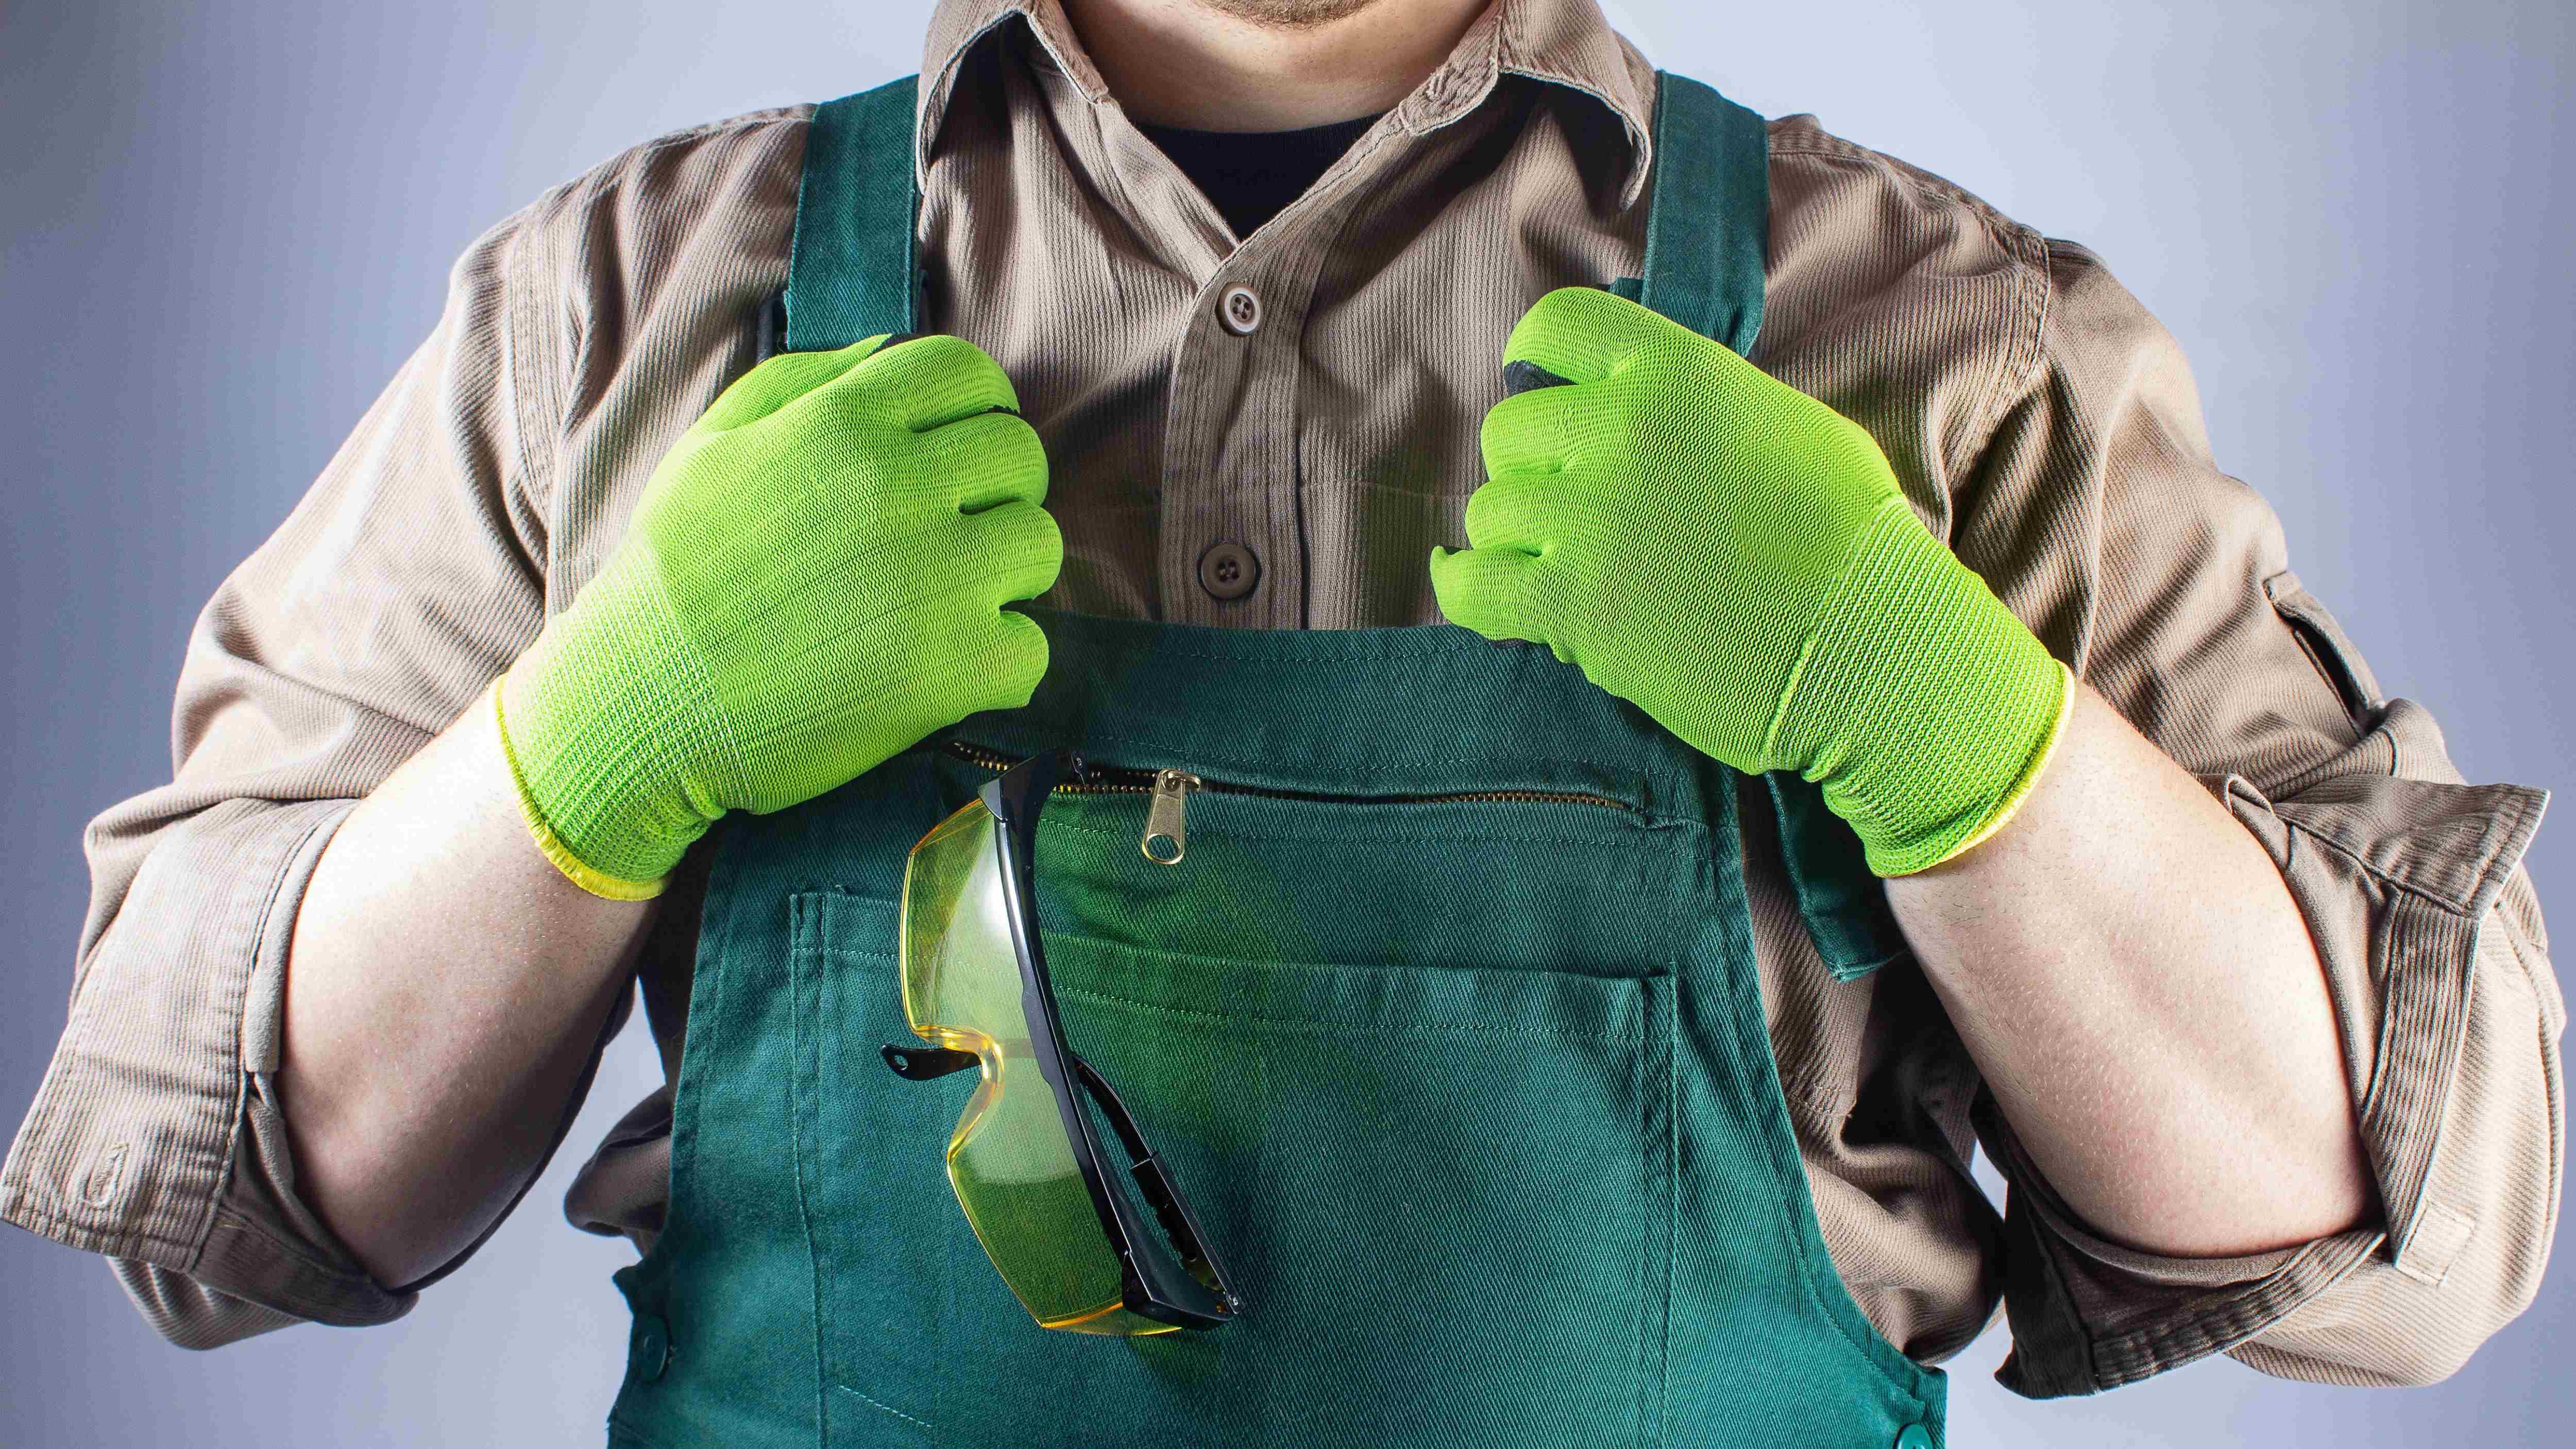 Come scegliere indumenti protettivi?